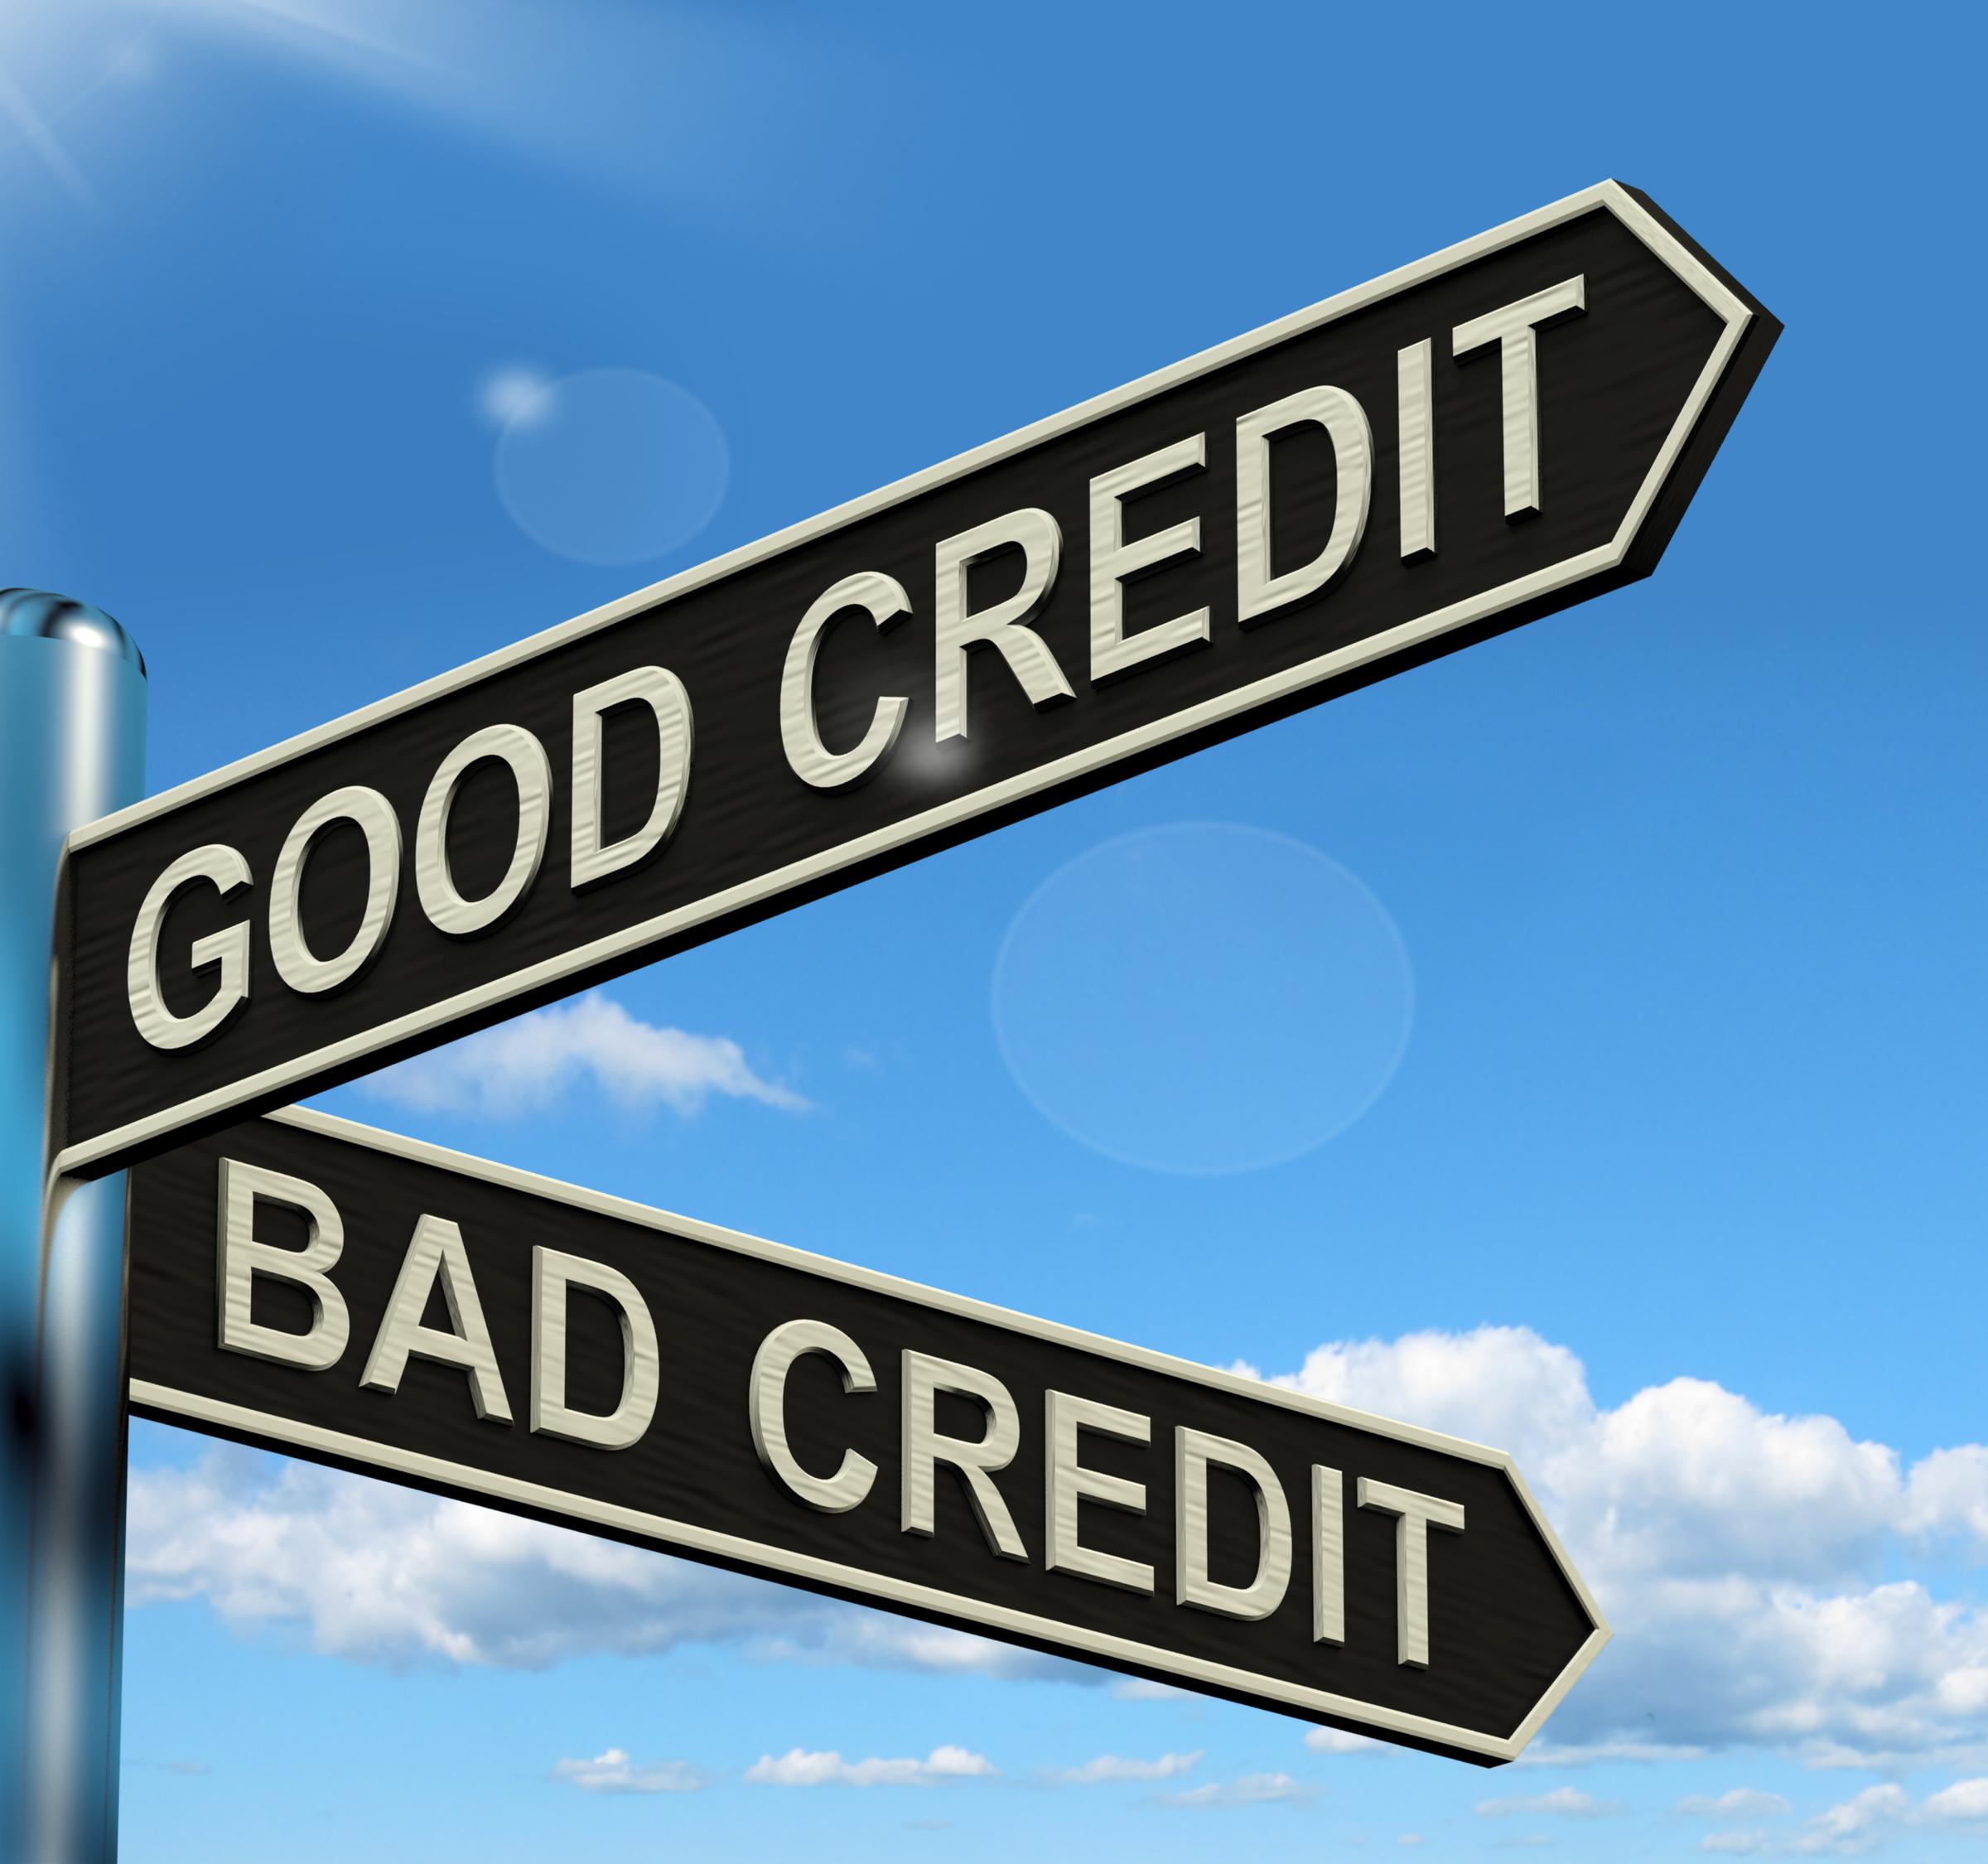 Live Transfer Credit Repair Pay Per Call Advertising Marketing Pay Per Call Advertising Campaign Program Live Credit Repair Transfers